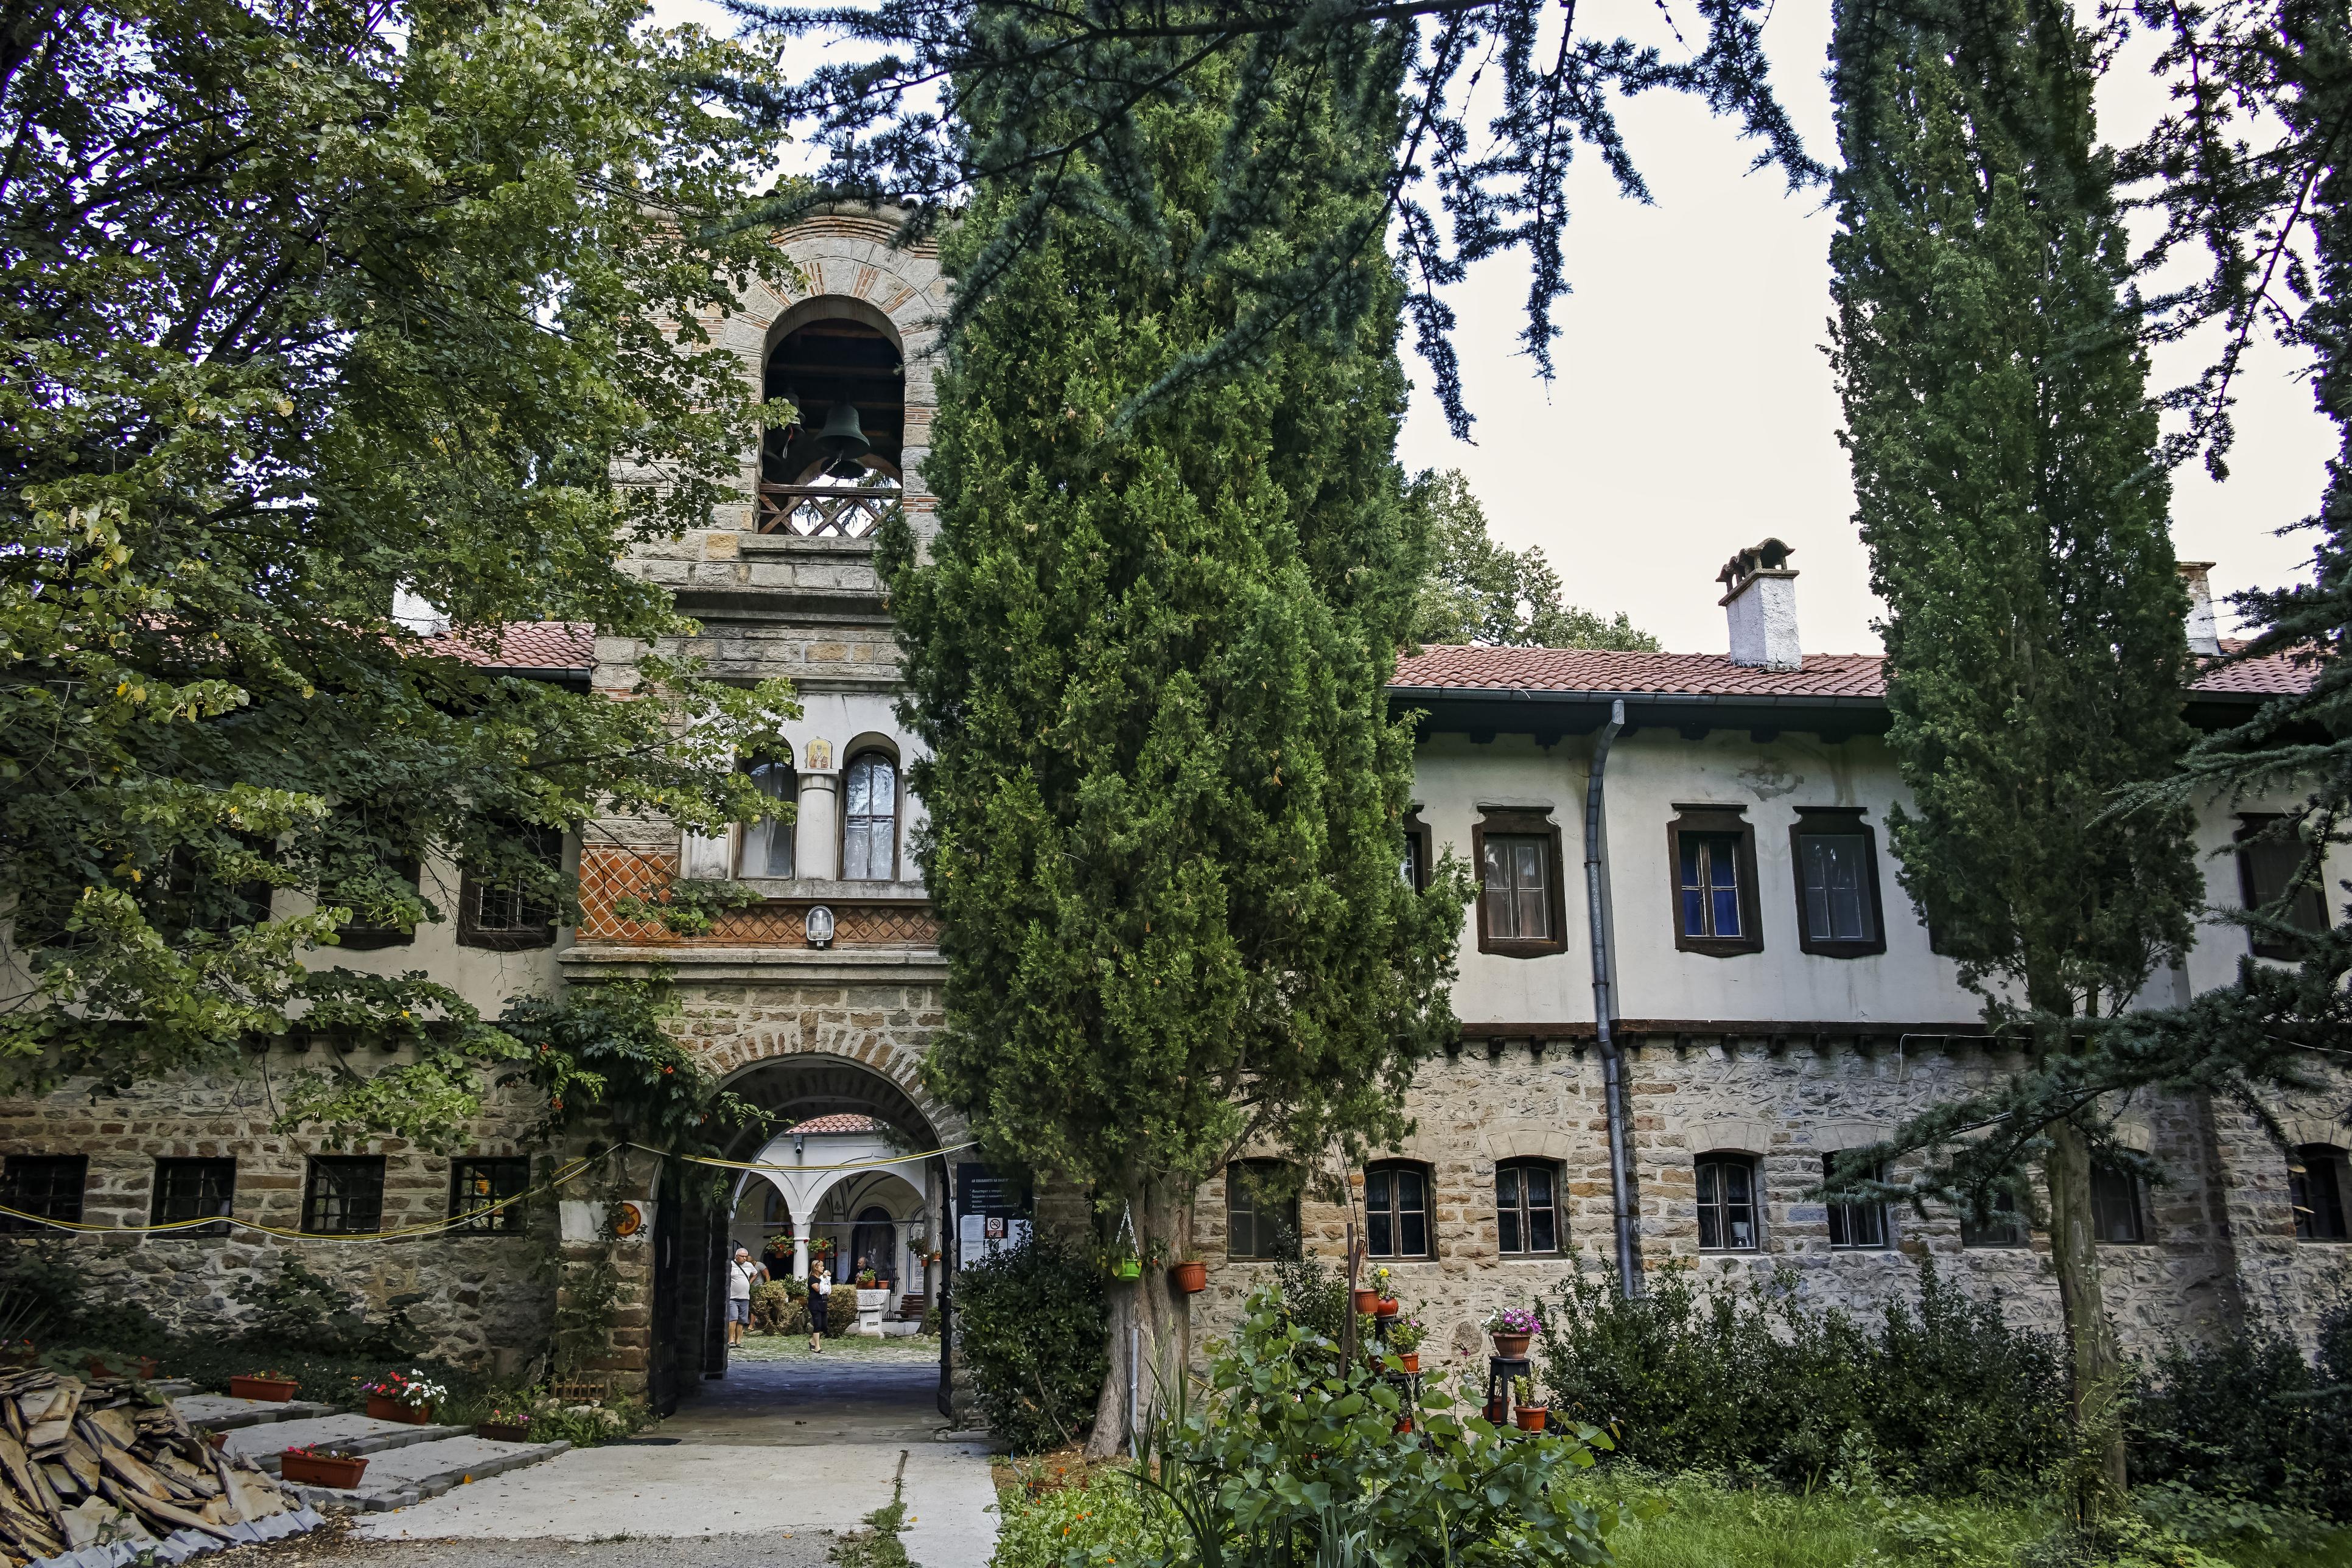 """Мъглижкият манастир """"Свети Николай"""".Манастирът е основан по времето наВтората българска държаваи сведенията за него са оскъдни. Бил е ограбван и разрушаван многократно. Възобновен е за последен път следОсвобождението, а сградите са възстановени във възрожденски стил през1954г. и1969г."""